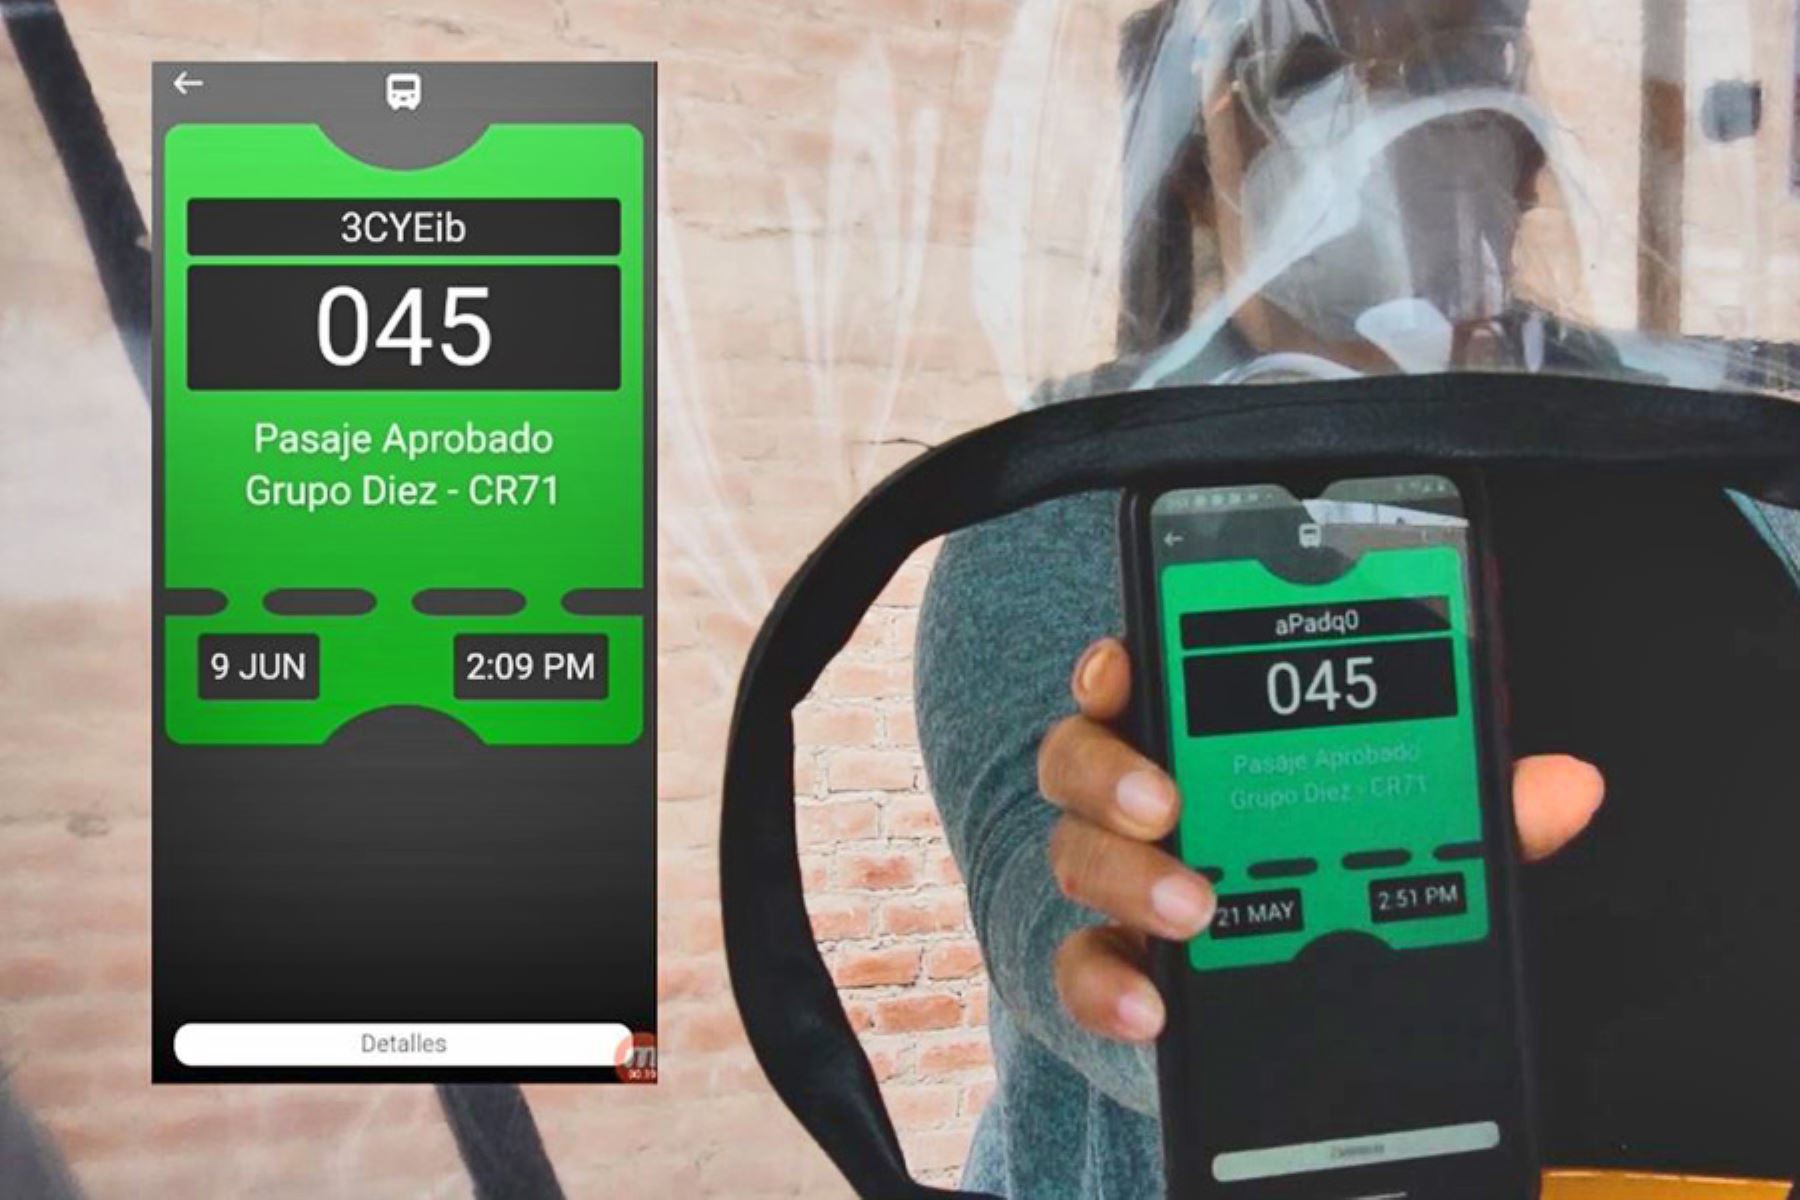 TuBoleto permite el pago de pasaje en el transporte público sin contacto, mediante código QR.